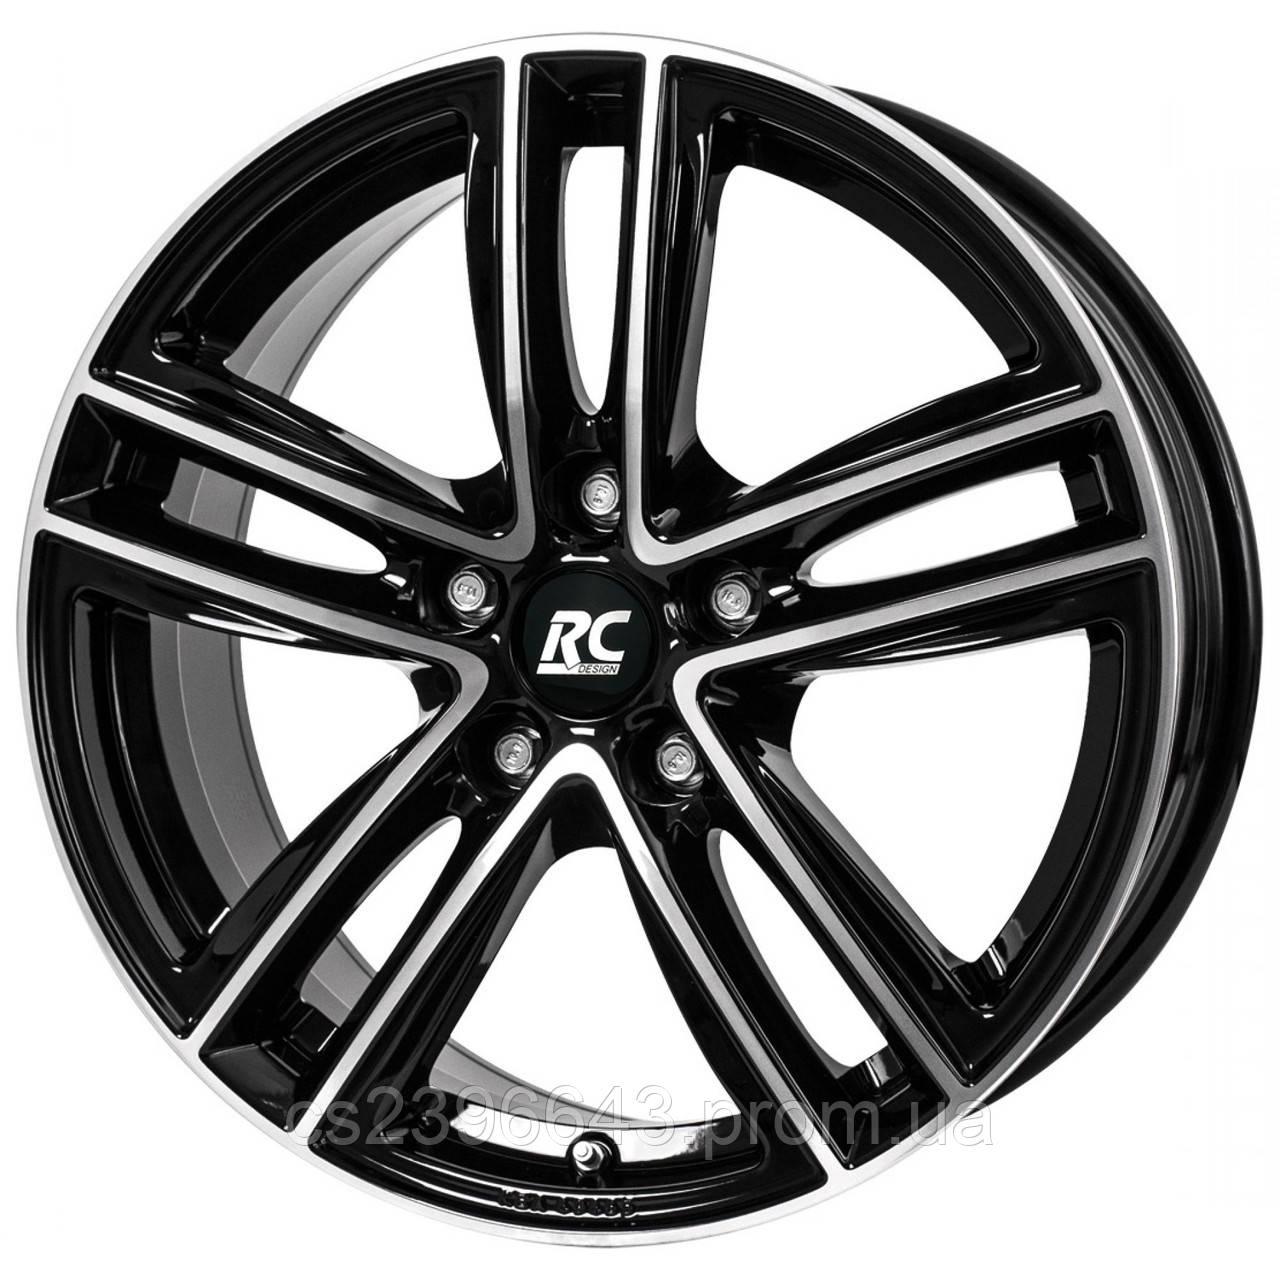 Колесный диск RC Design RC27 17x7 ET50